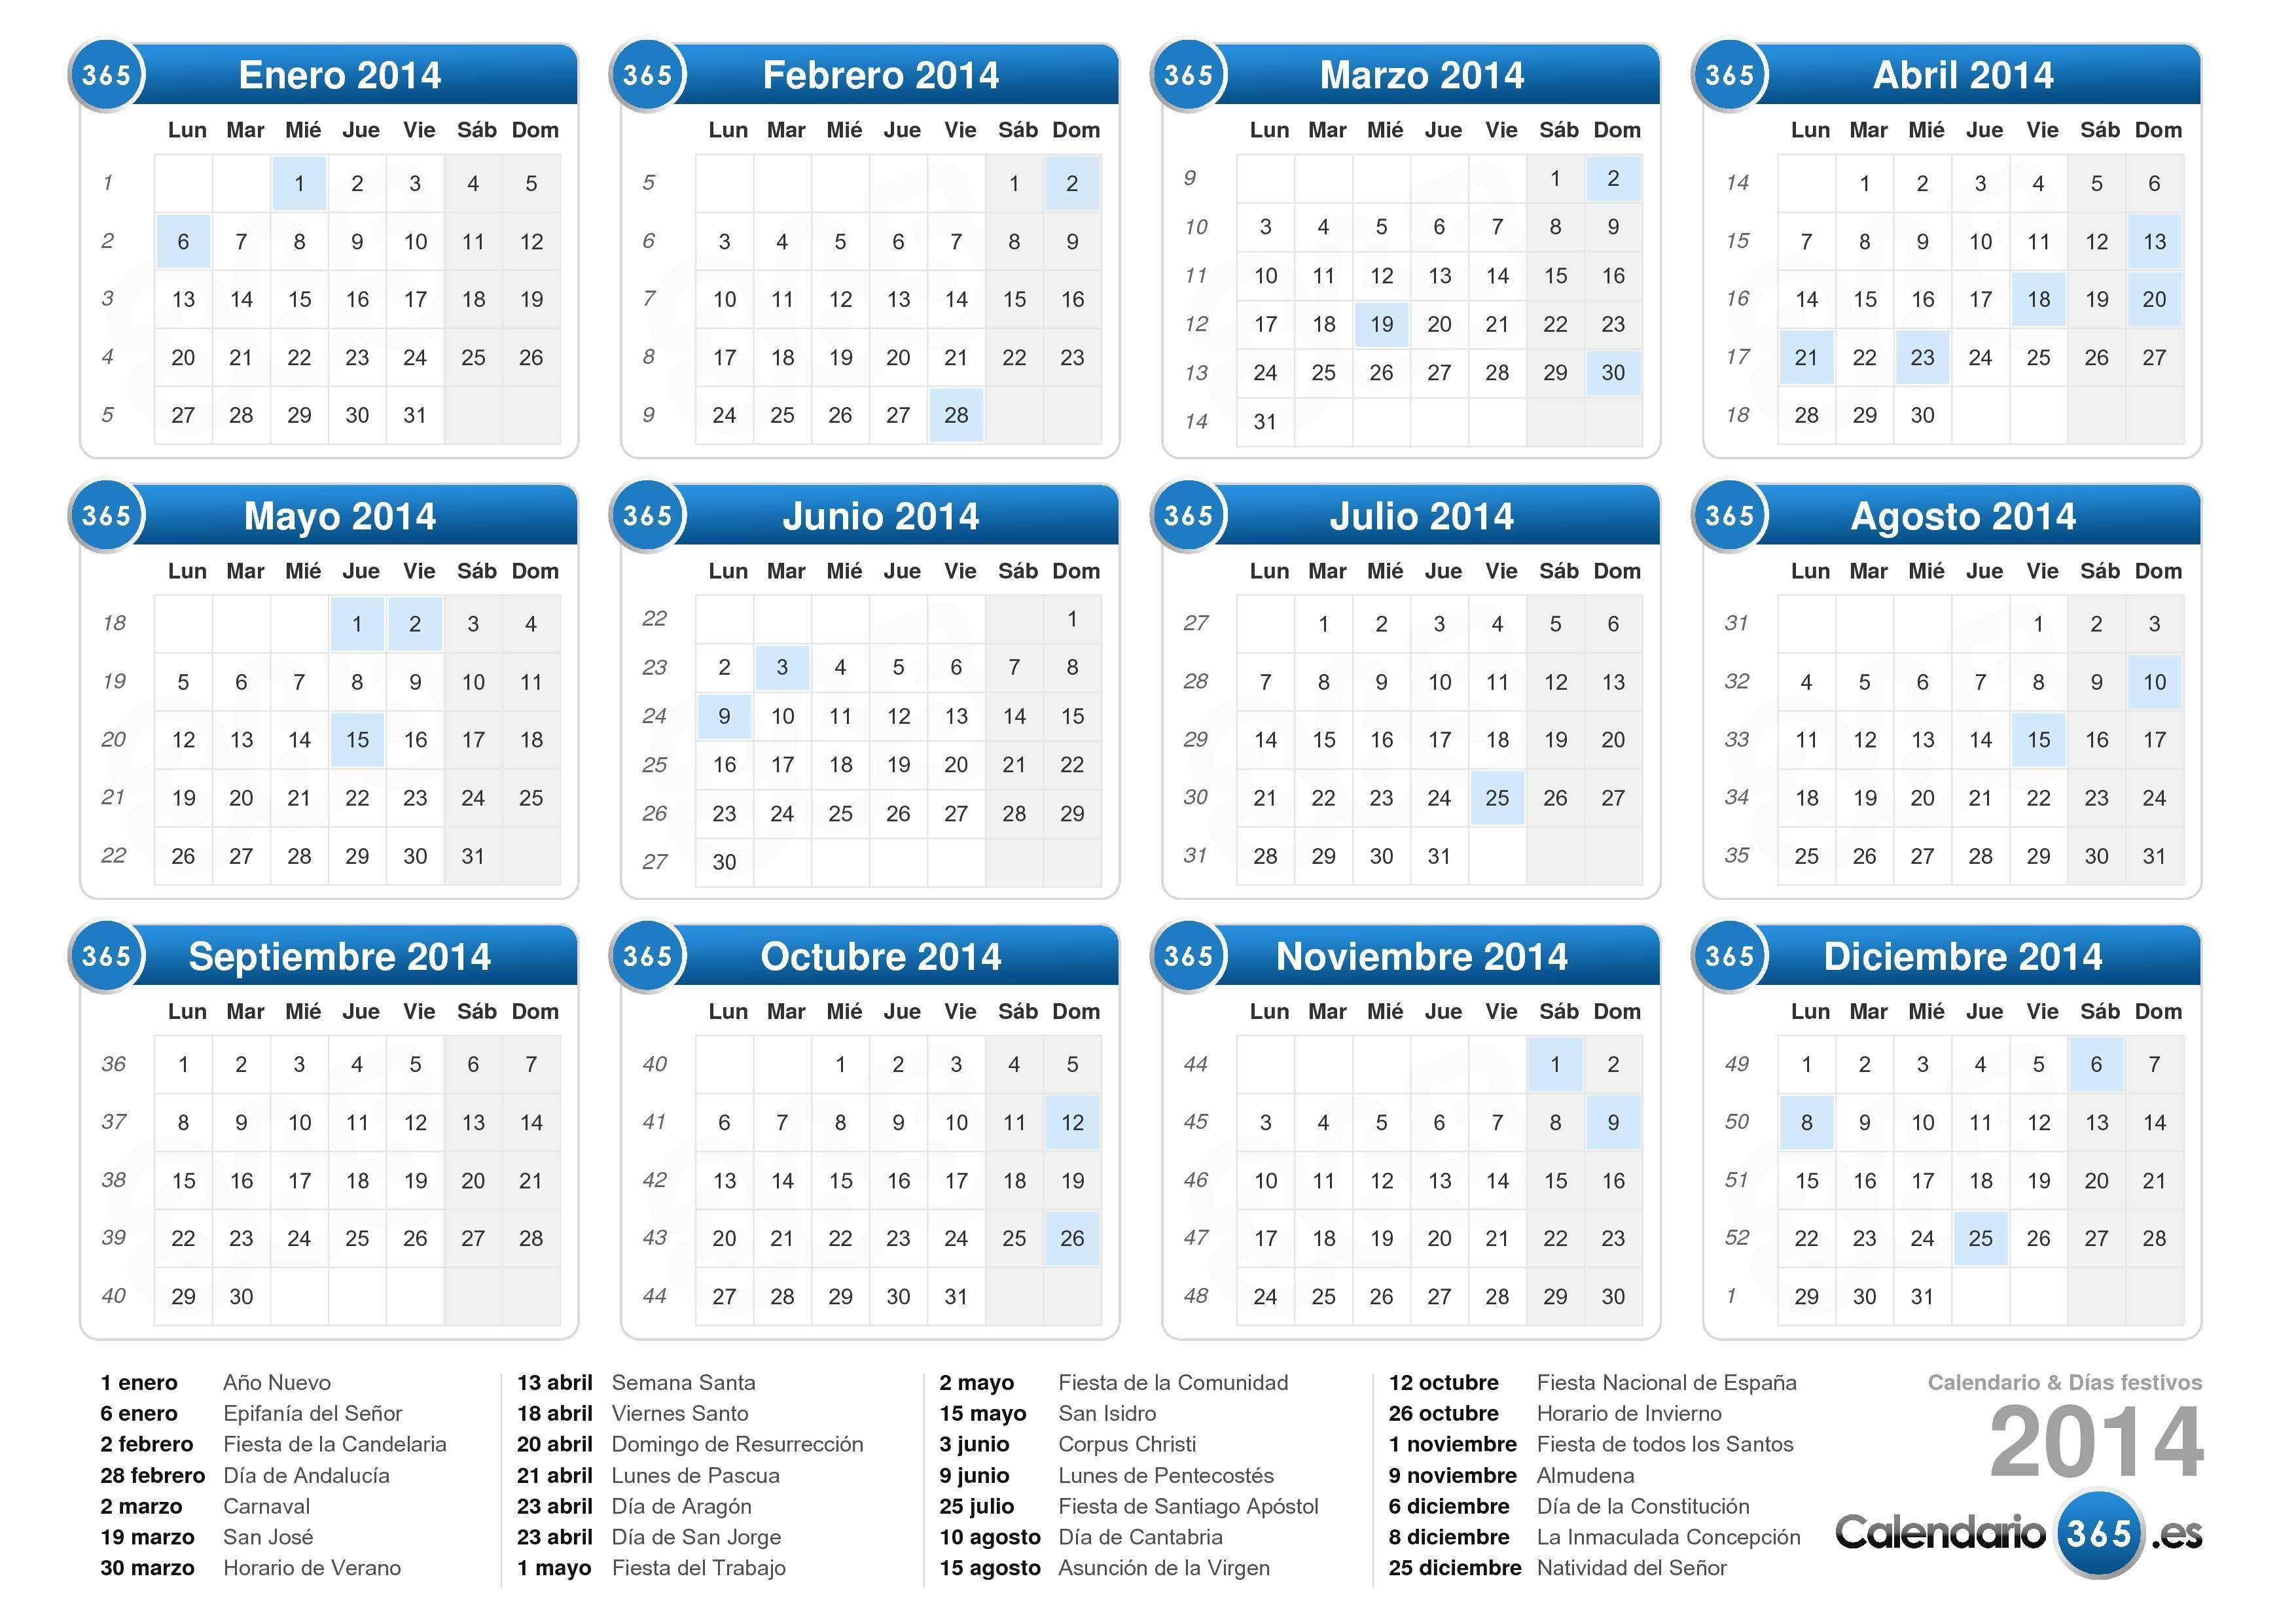 Descargue el calendario con días festivos 2014 para imprimir.